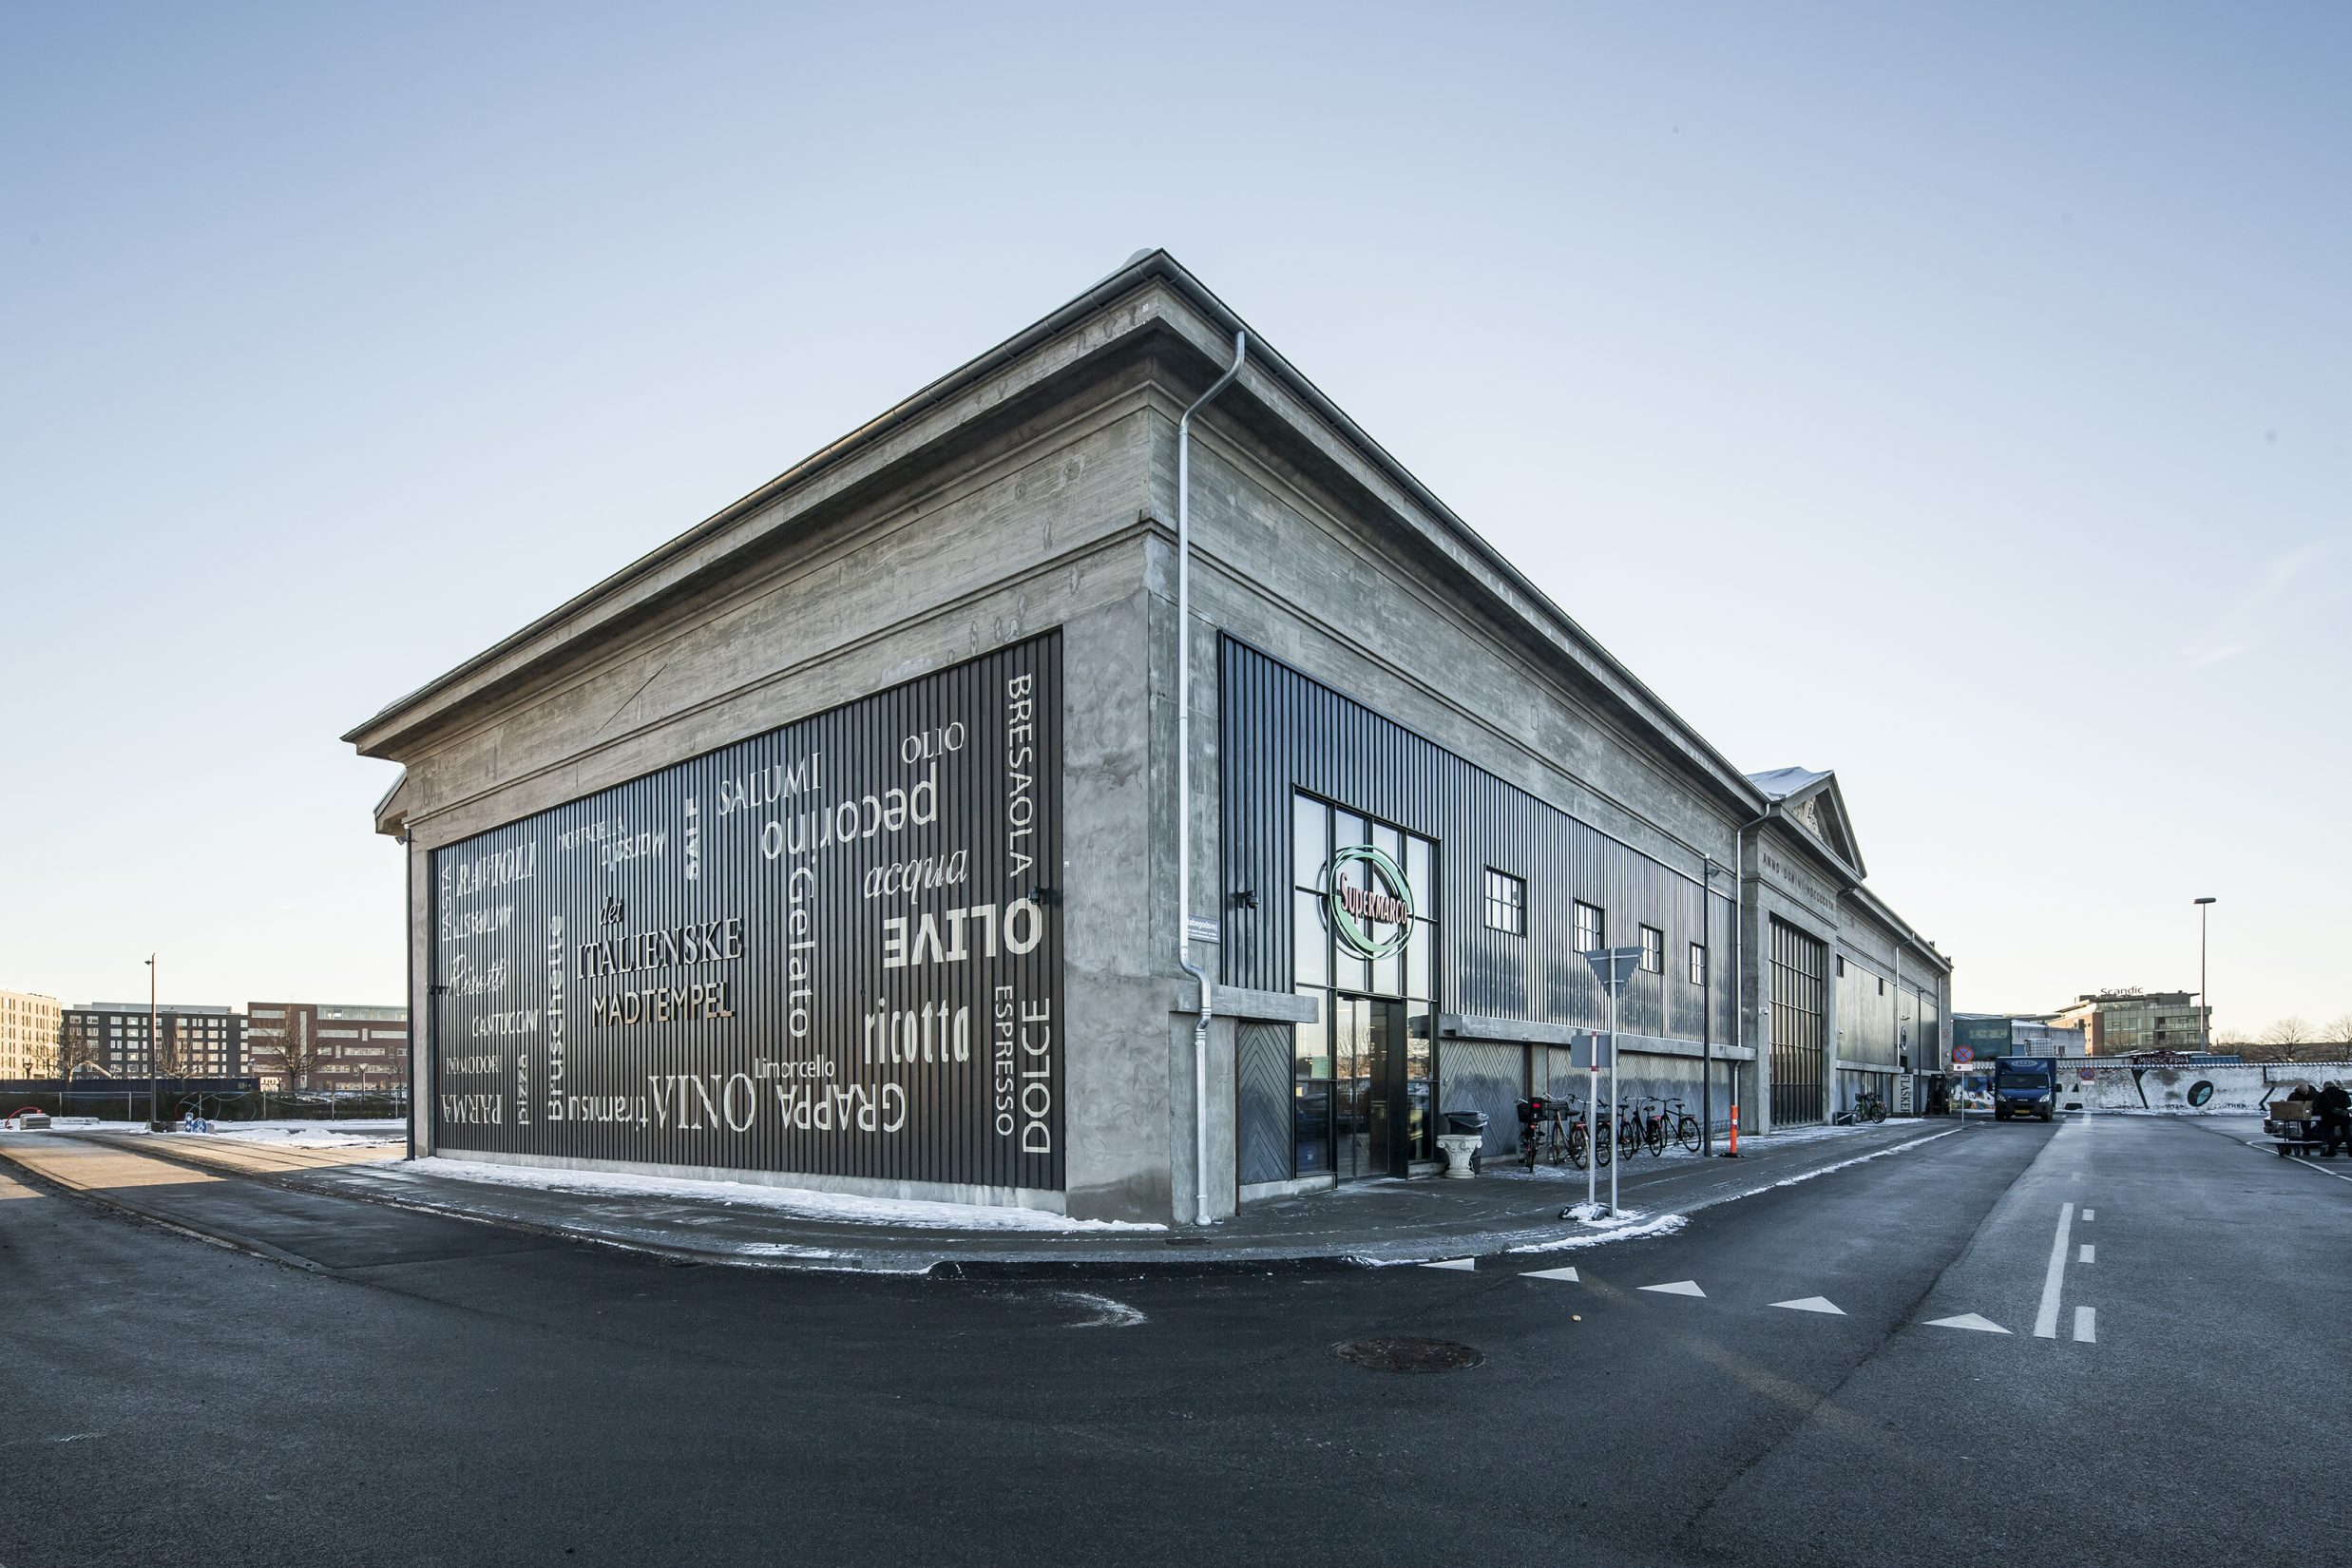 """Københavns nye havnekvarter, Frederiks Brygge, udvikler sig med hastige skridt, og den 2. november kan bydelens første store ankerlejer, den italienske specialforretning Supermarco og Ello Food, slå dørene op til et """"madtempel"""" i den gamle stålpladehal. Åbningen af Supermarco og Ello Food markerer indvielsen af den nye bydel, Frederiks Brygge, og forvandlingen af den 80.000 kvadratmeter store Lemvigh-Müller grund er i fuld gang. Nordea Ejendomme står bag udviklingen af den nye bydel i Københavns Sydhavn, der udover 1.350 boliger omfatter grønne byrum, marina, kanaler, caféer, specialbutikker, børneinstitution samt gang- og cykelstier til City."""